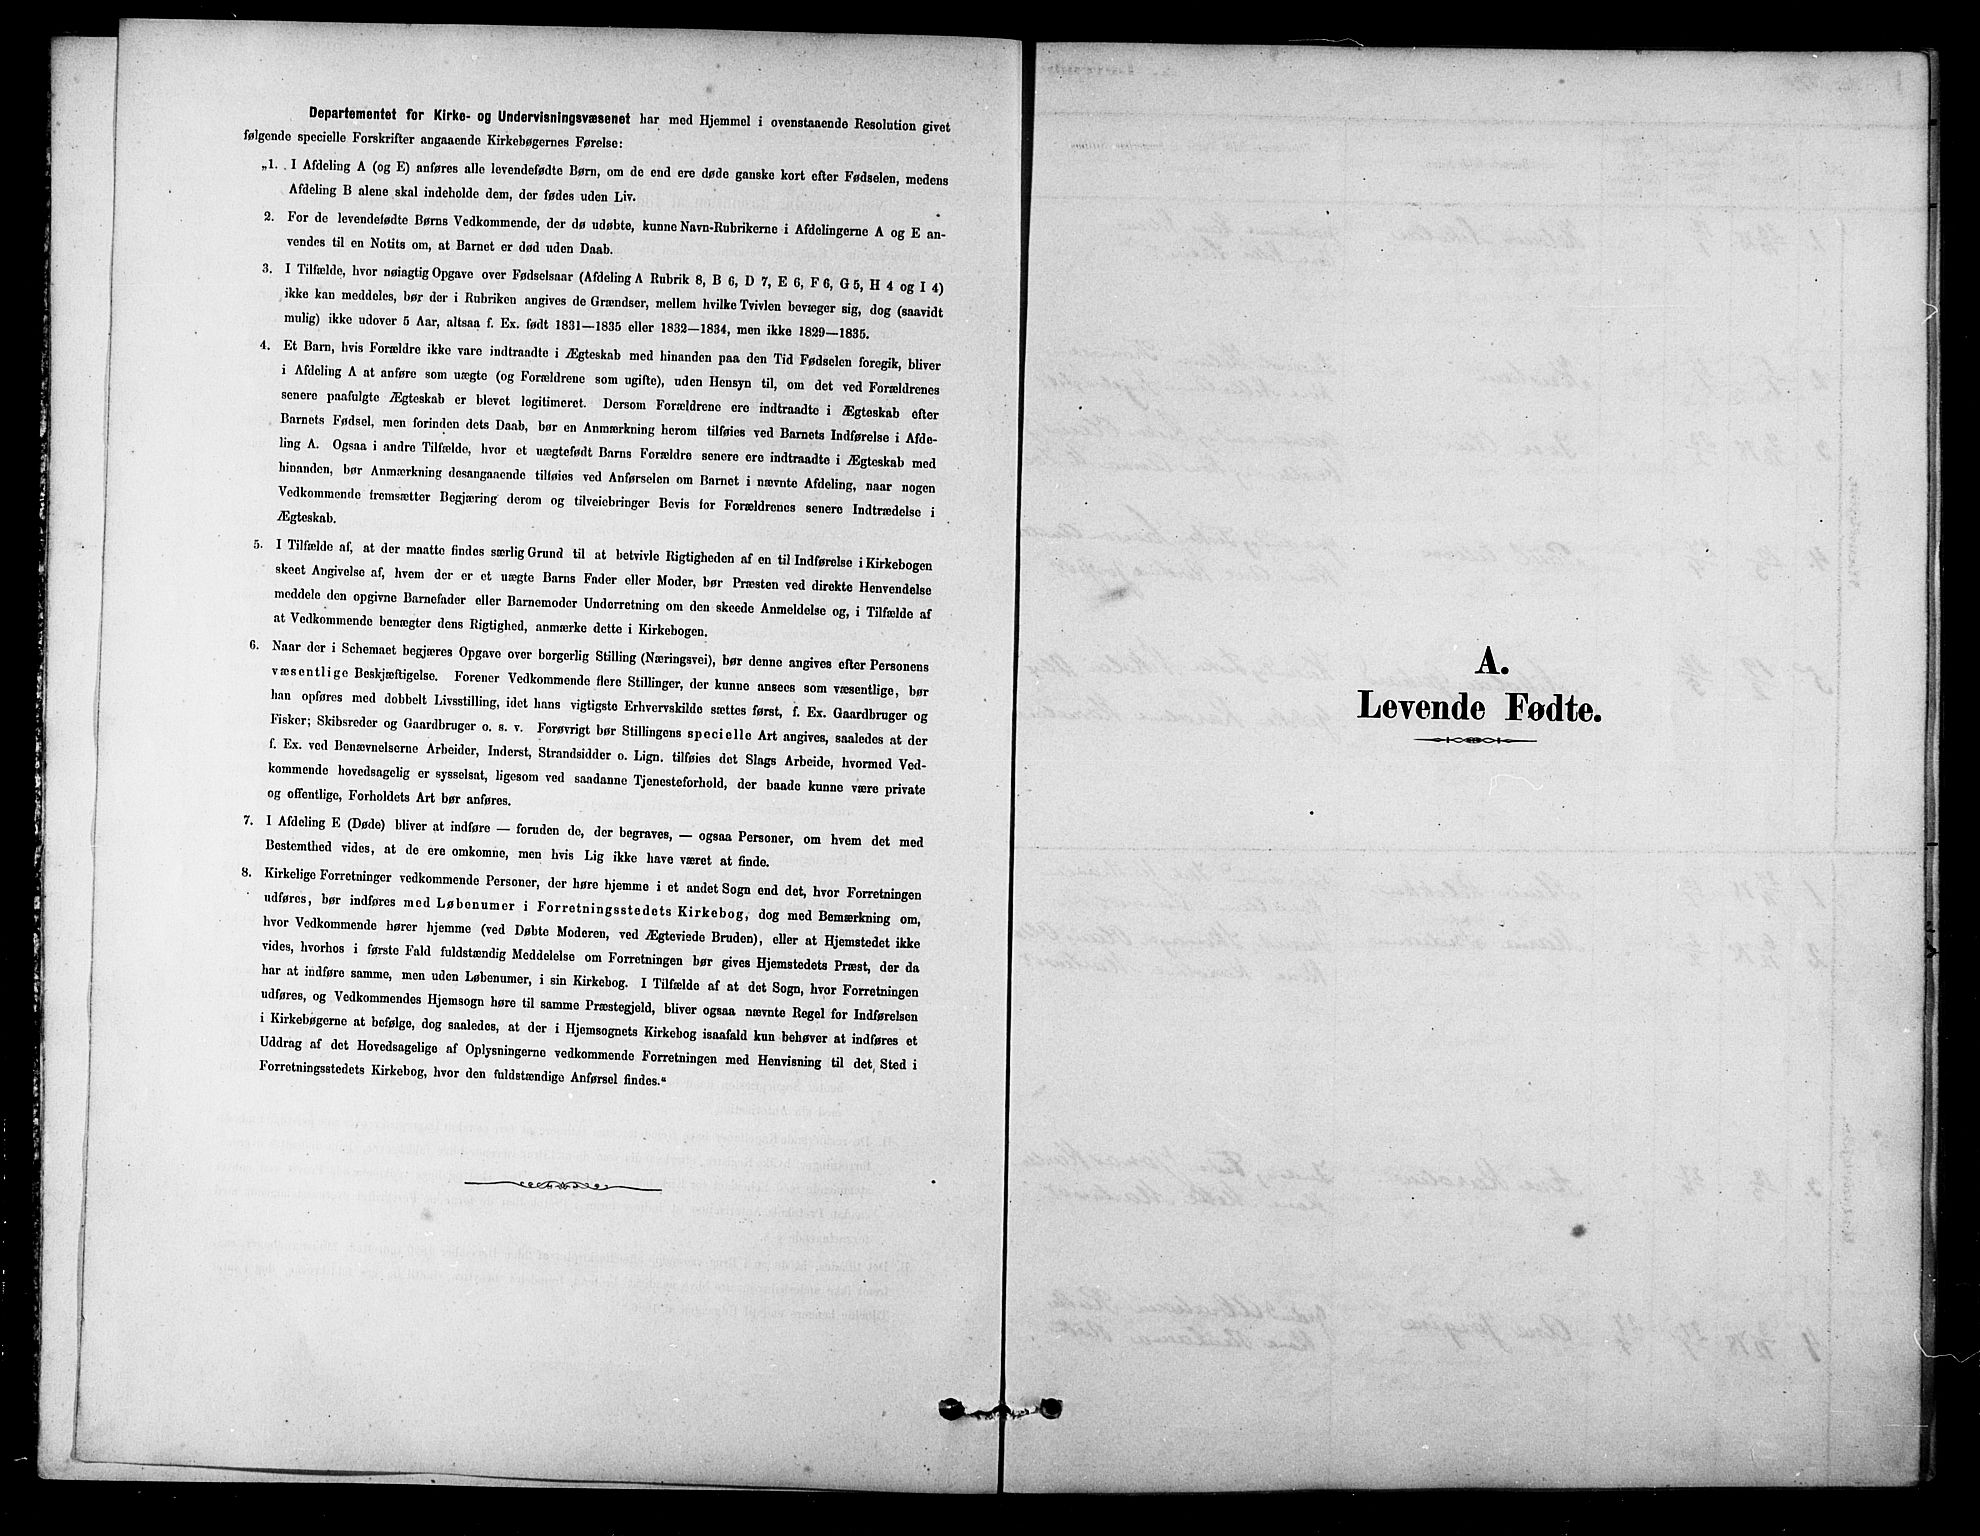 SAT, Ministerialprotokoller, klokkerbøker og fødselsregistre - Sør-Trøndelag, 656/L0692: Ministerialbok nr. 656A01, 1879-1893